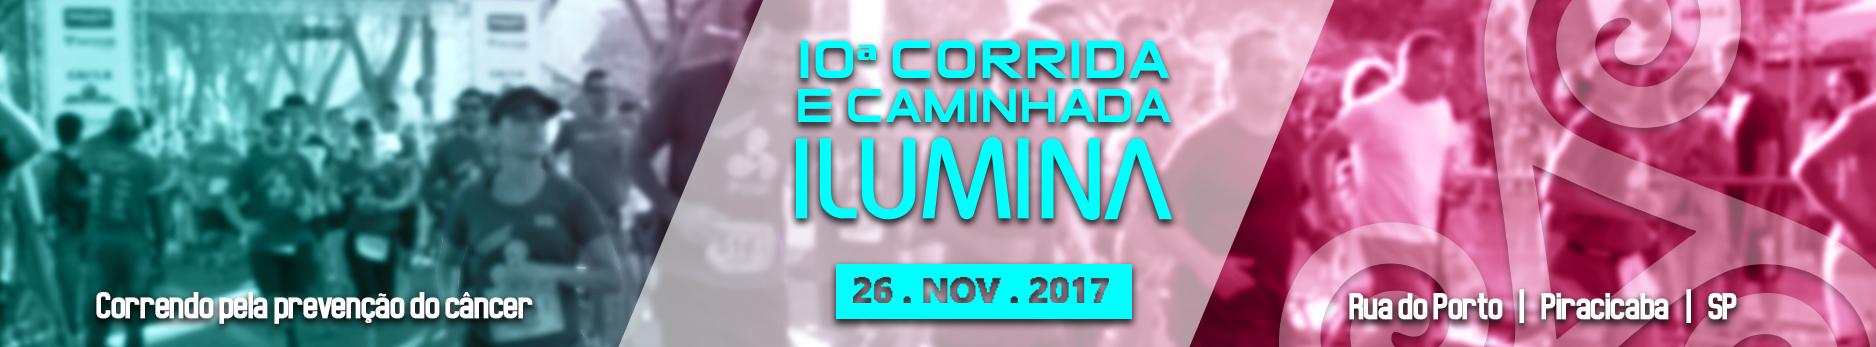 10ª CORRIDA E CAMINHADA ILUMINA - Imagem de topo